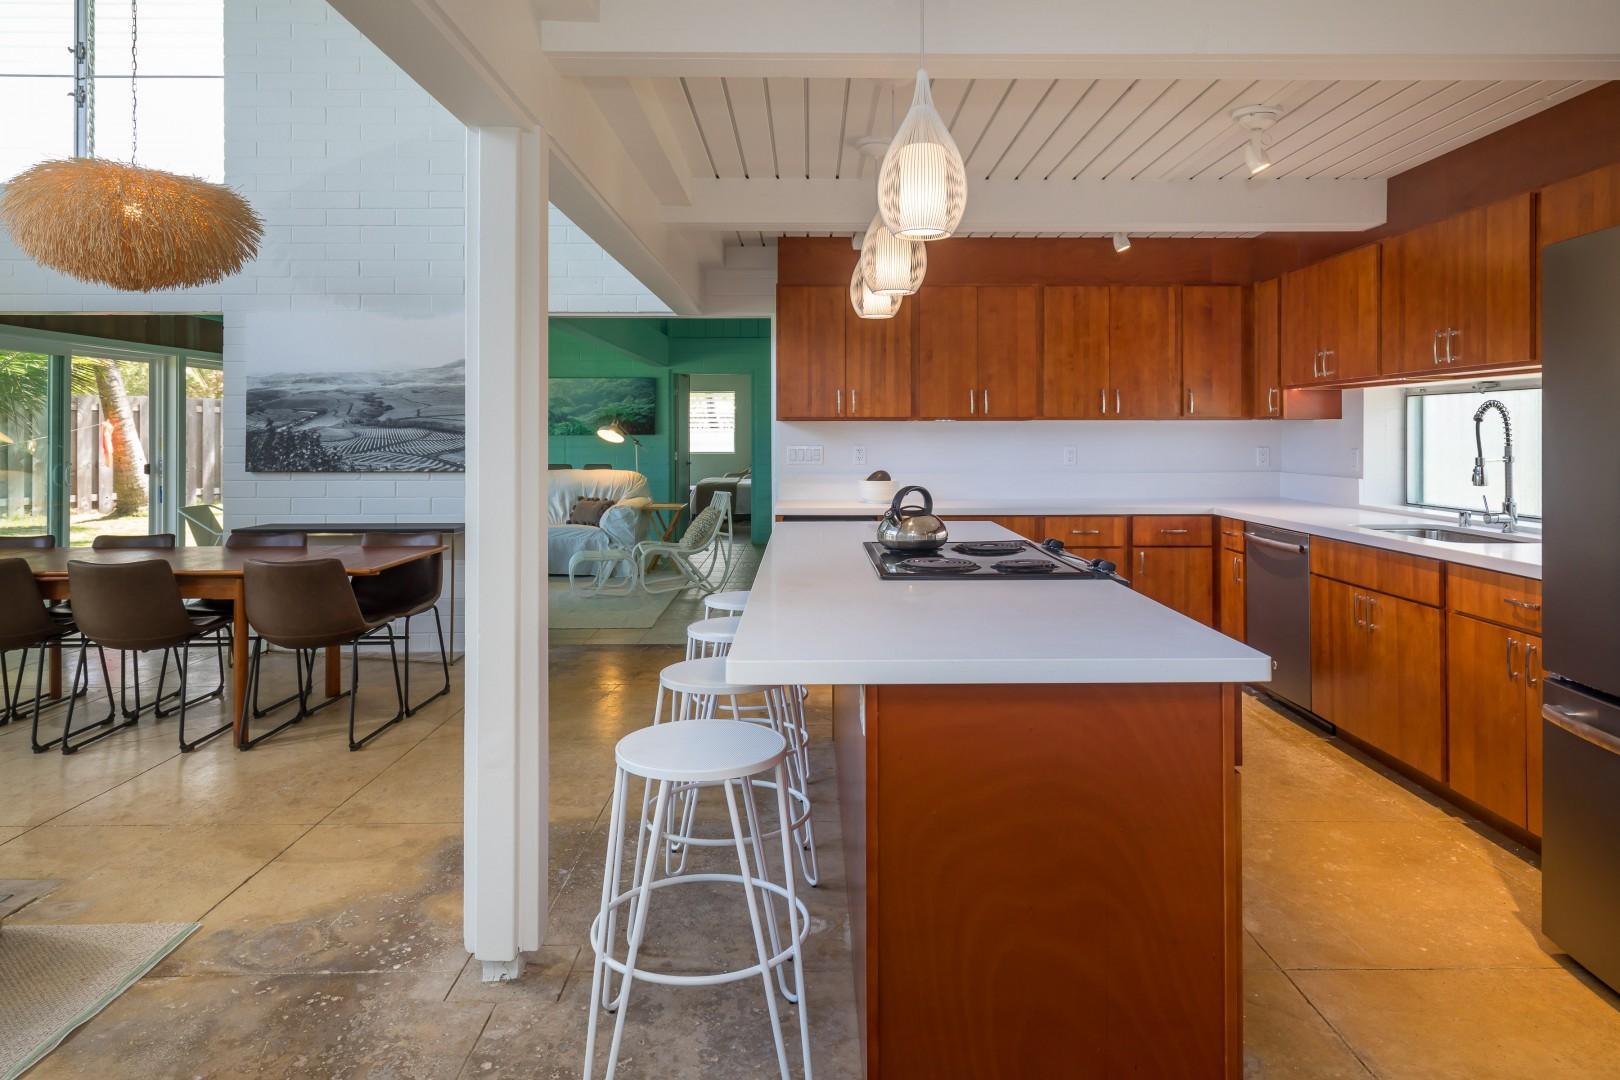 Kitchen bar adjacent to living room